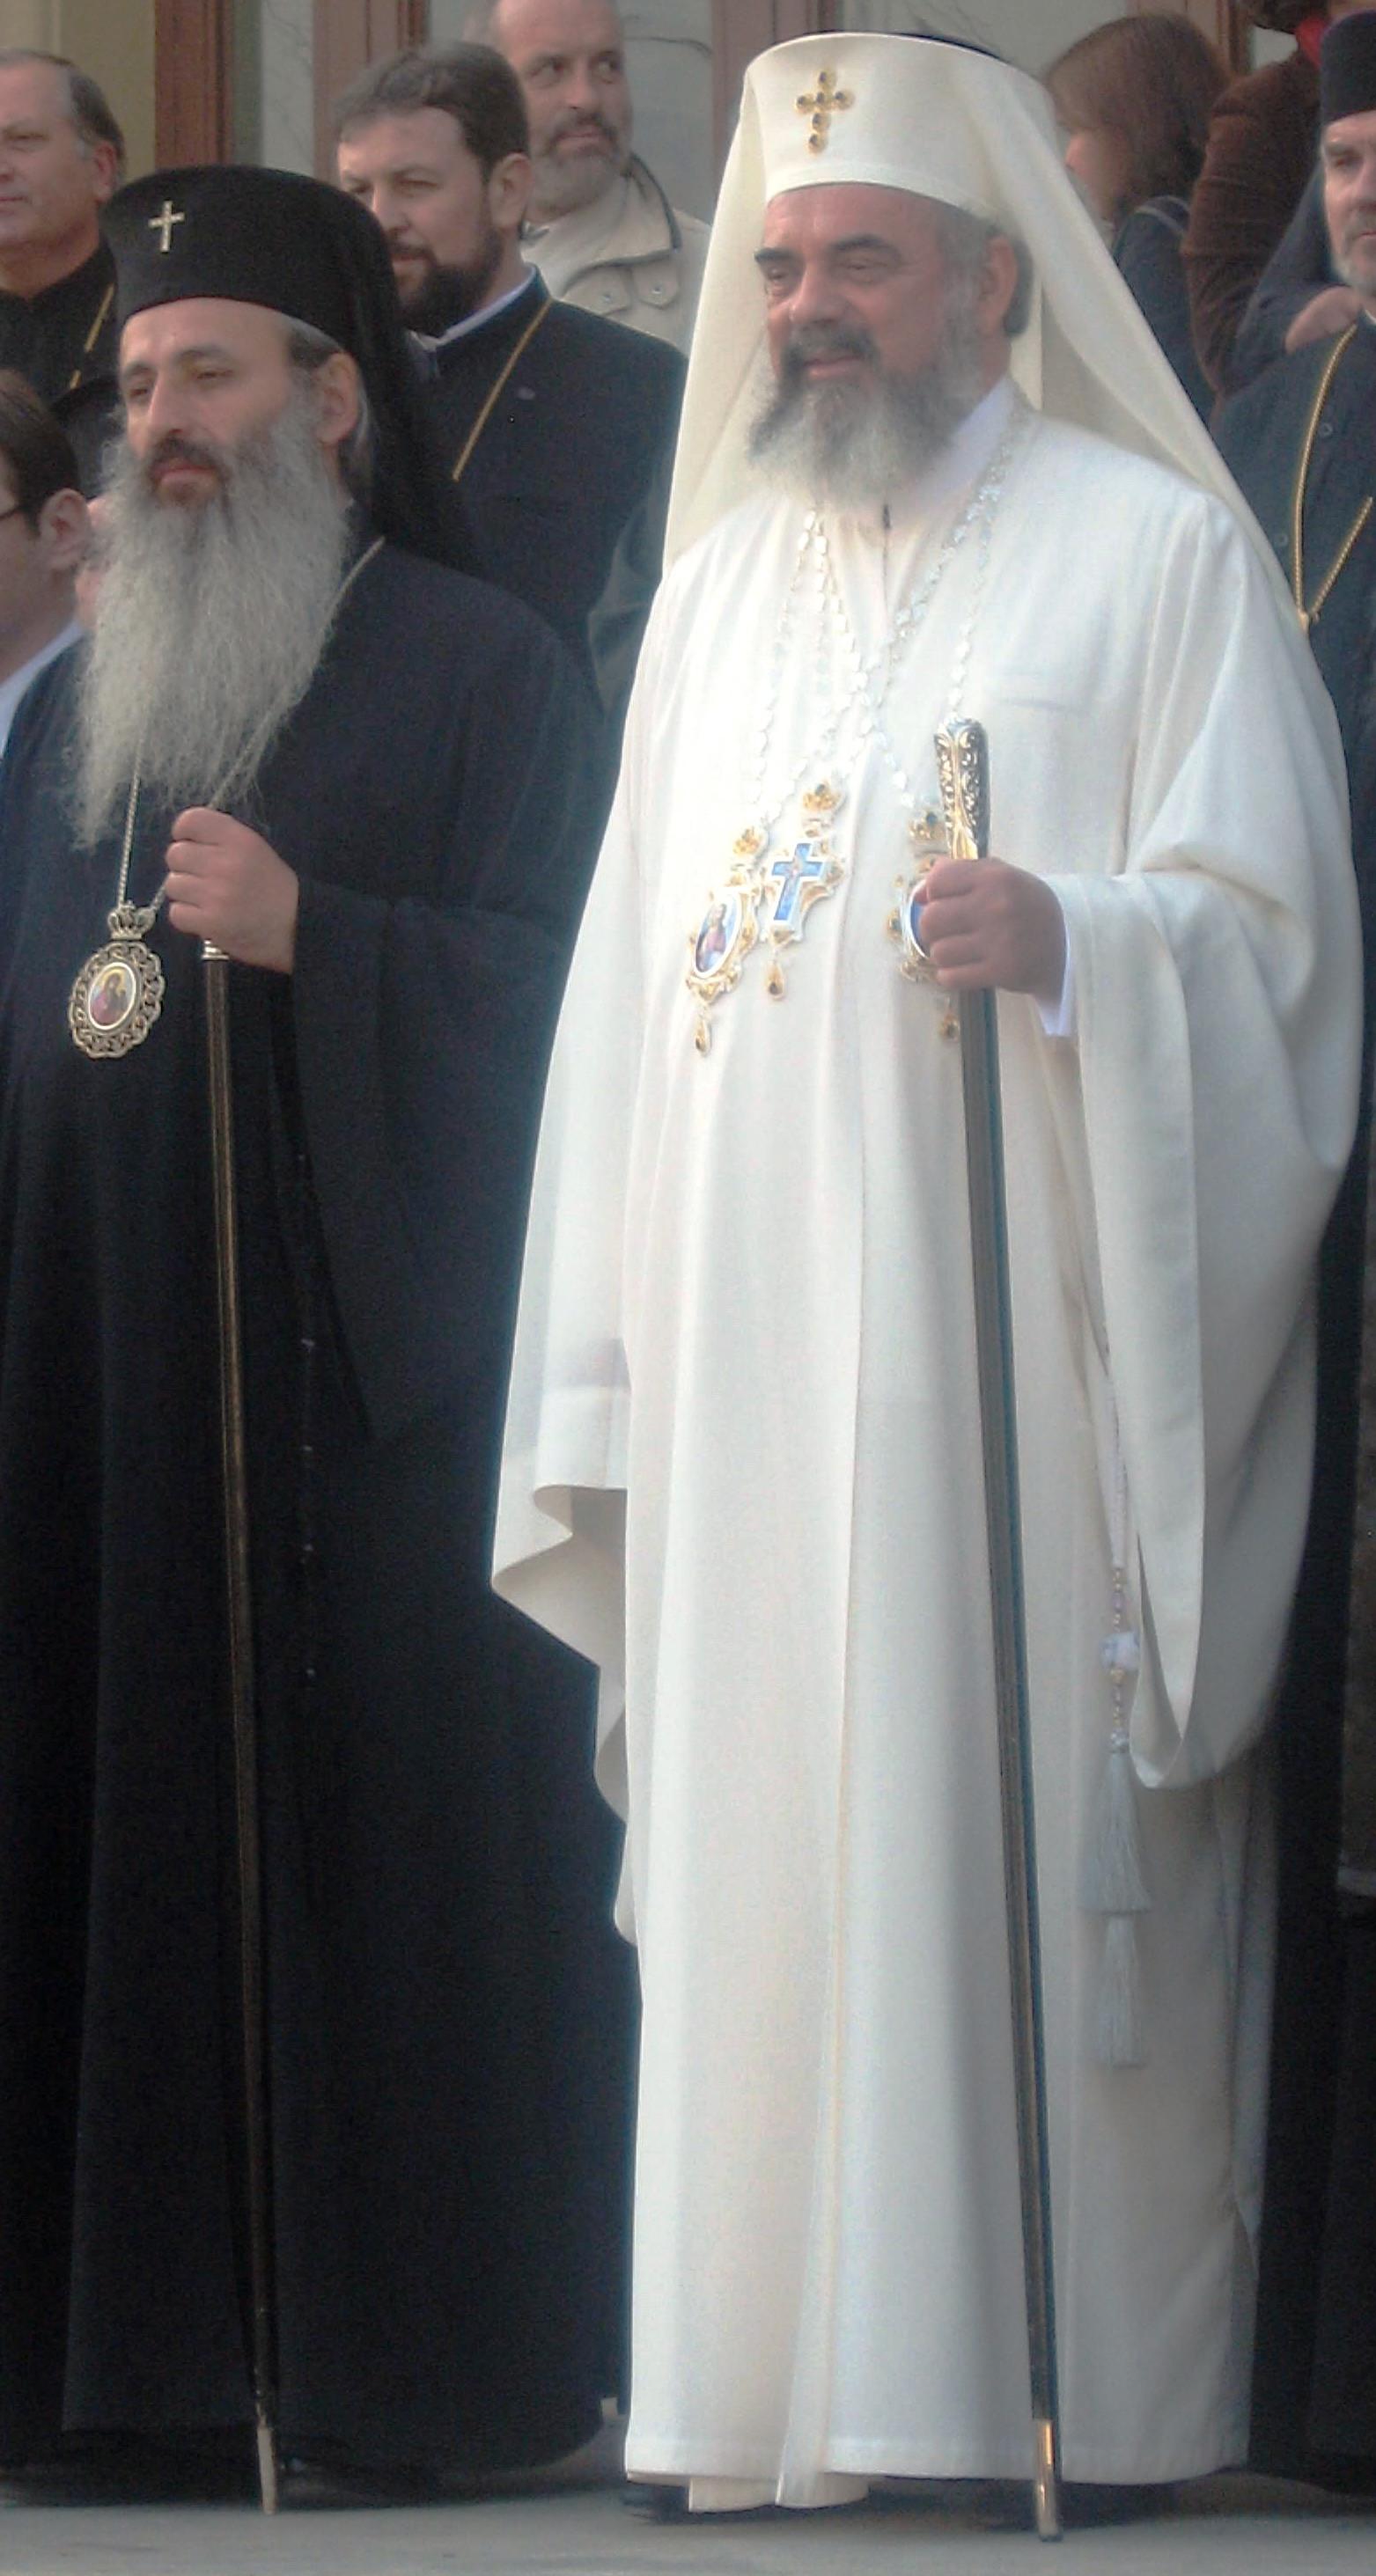 Dintre toți reprezentanții Bisericilor ortodoxe din întreaga lume, numai Patriarhul Daniel poartă veșminte albe, asemenea Papei de la Roma.